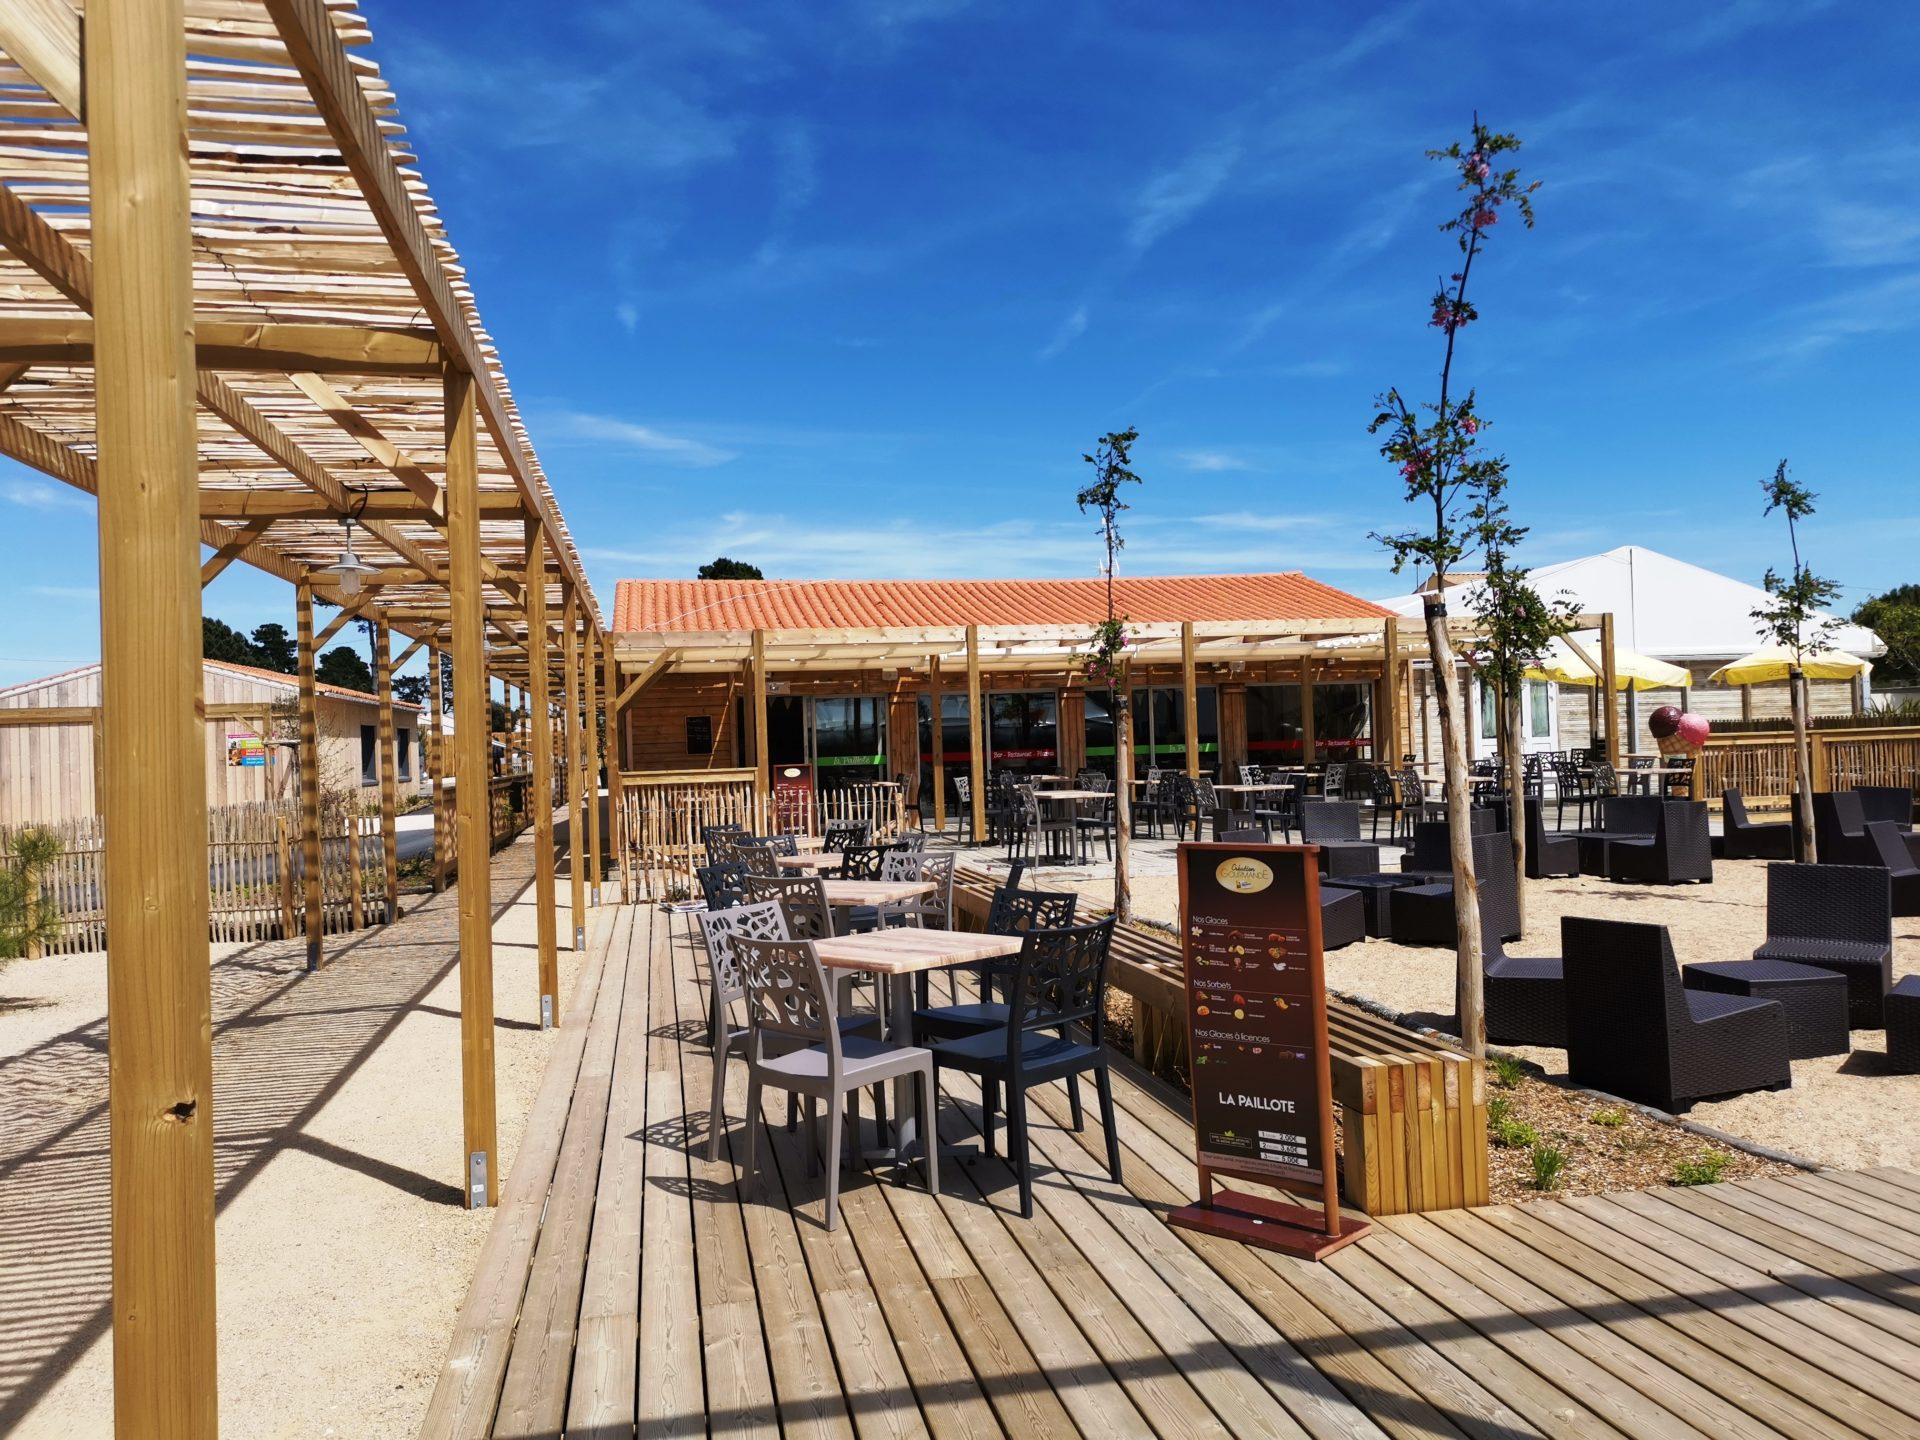 Bar La Paillote Camping Domaine de l'Orée Les Sables d'Olonne